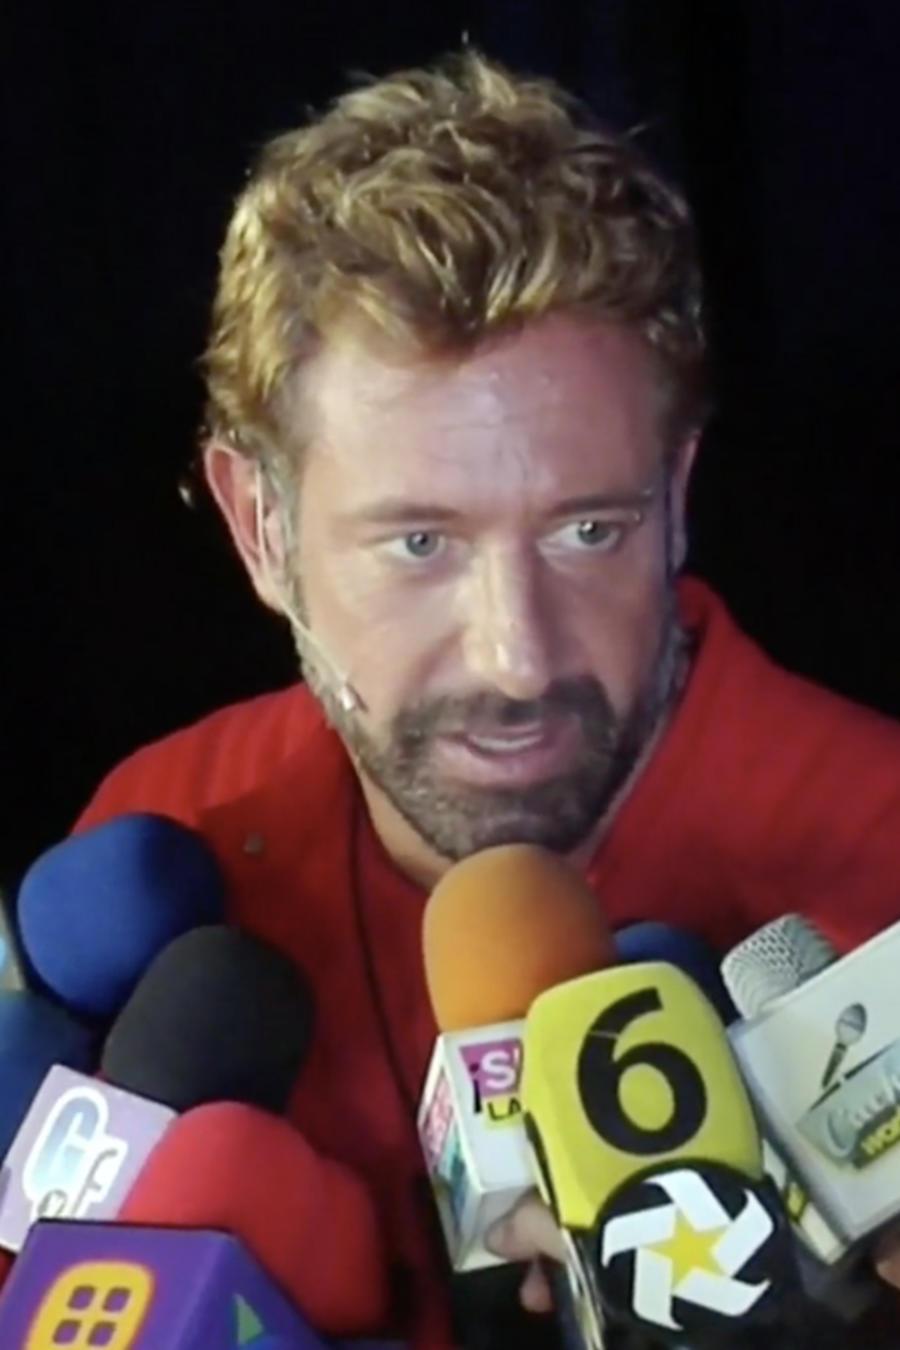 Gabriel Soto habló de Geraldine Bazán, Irina Baeva y los rumores (VIDEO)